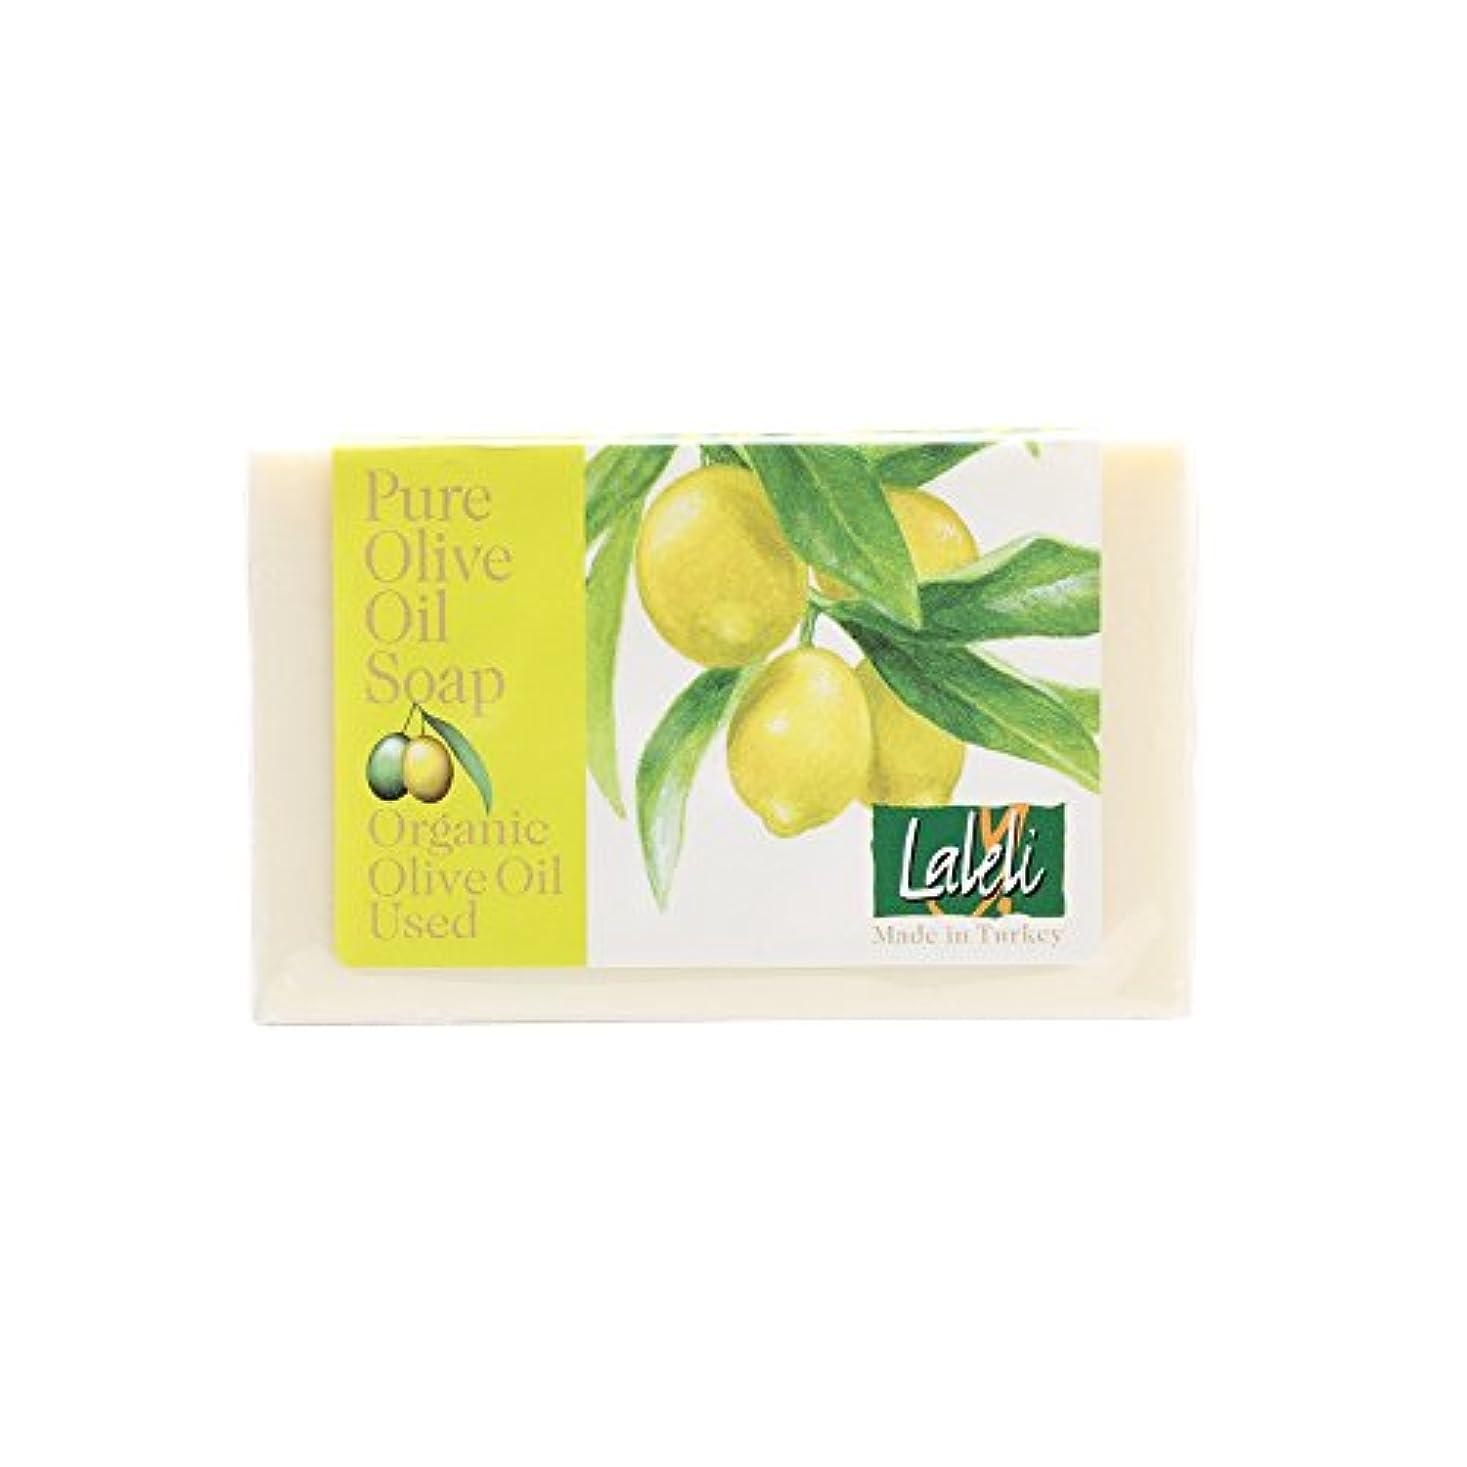 感覚服を着る道路ラーレリ オーガニックオリーブオイルソープ レモン 120g